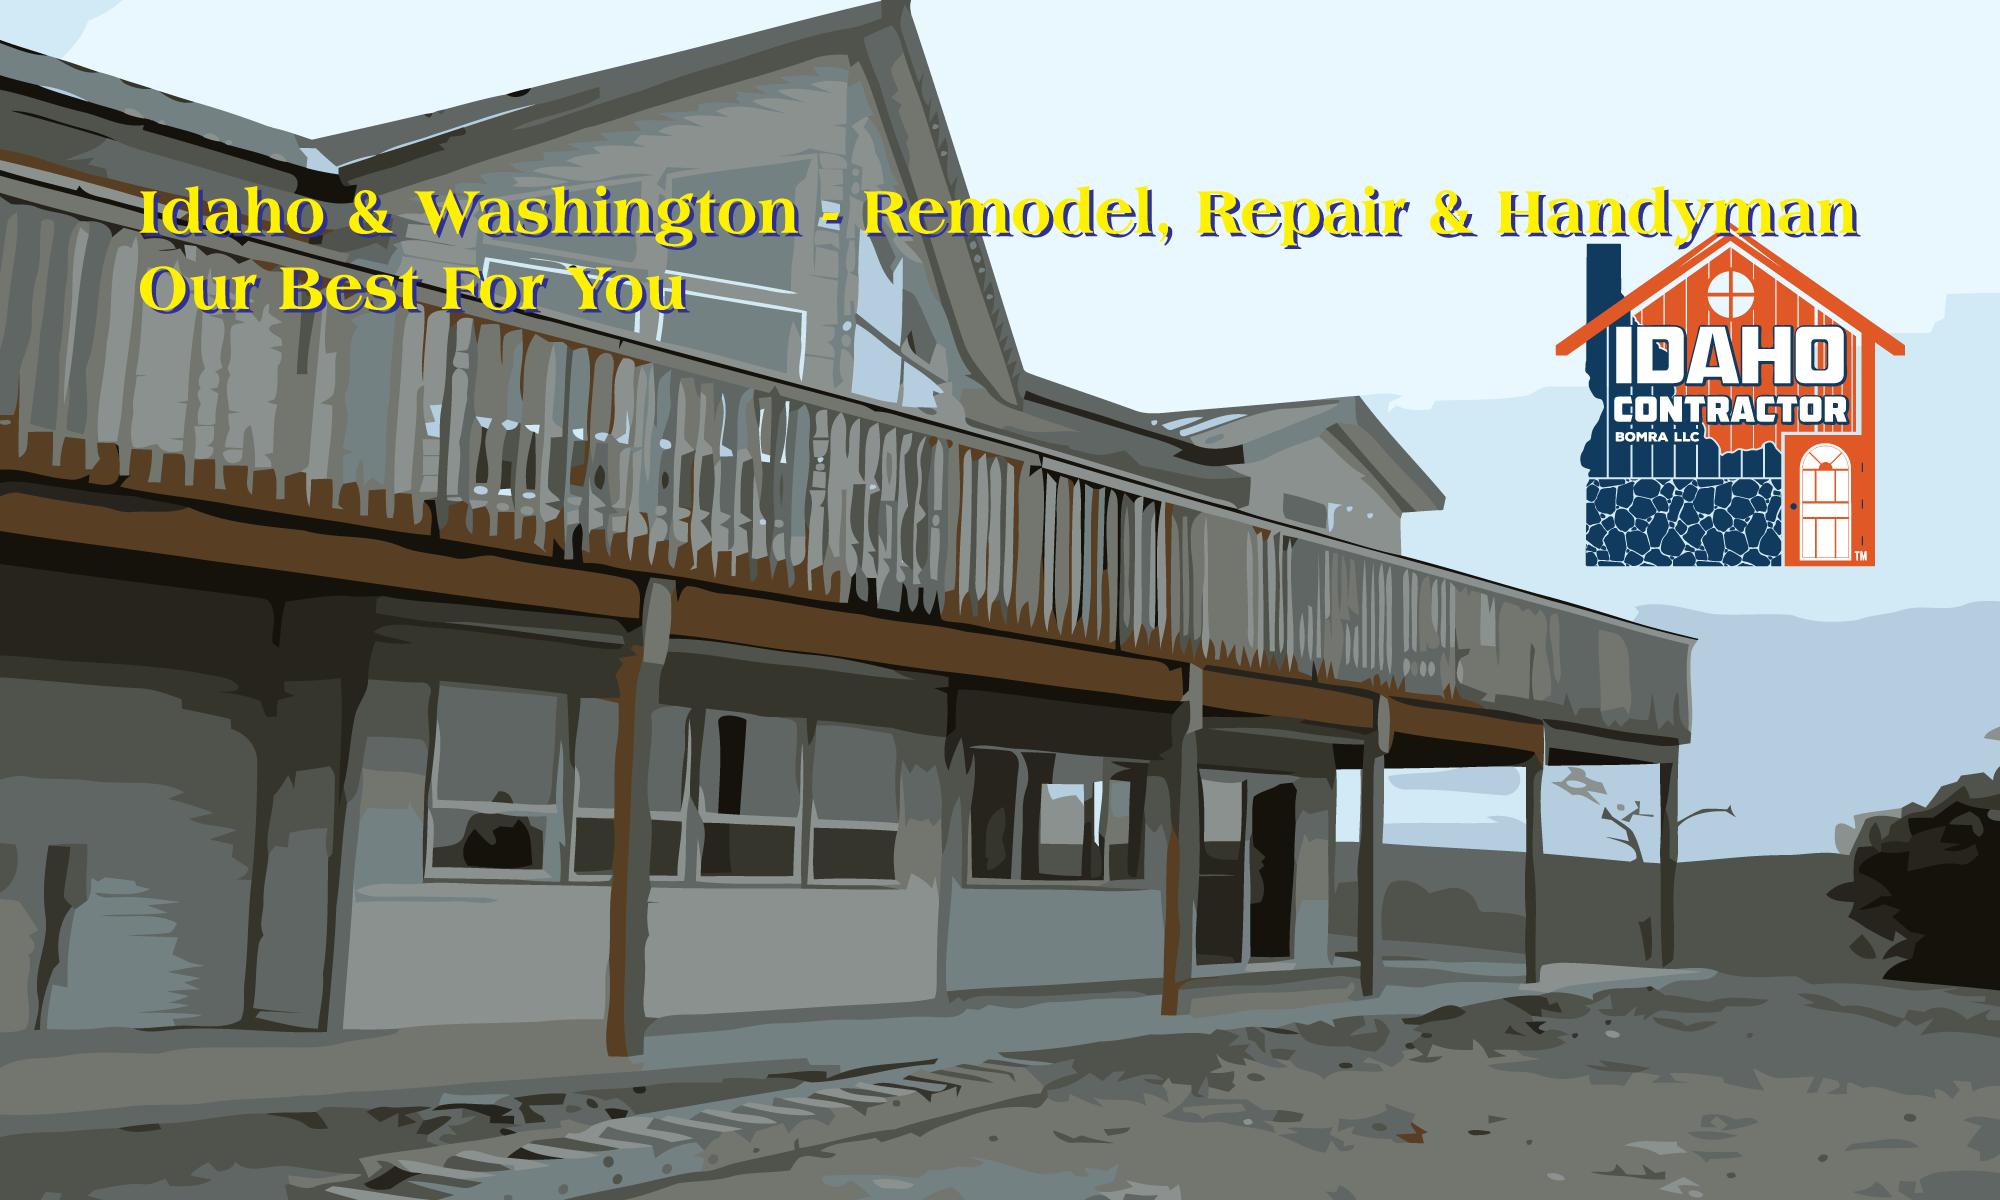 Idaho Contractor - Bomra LLC dba